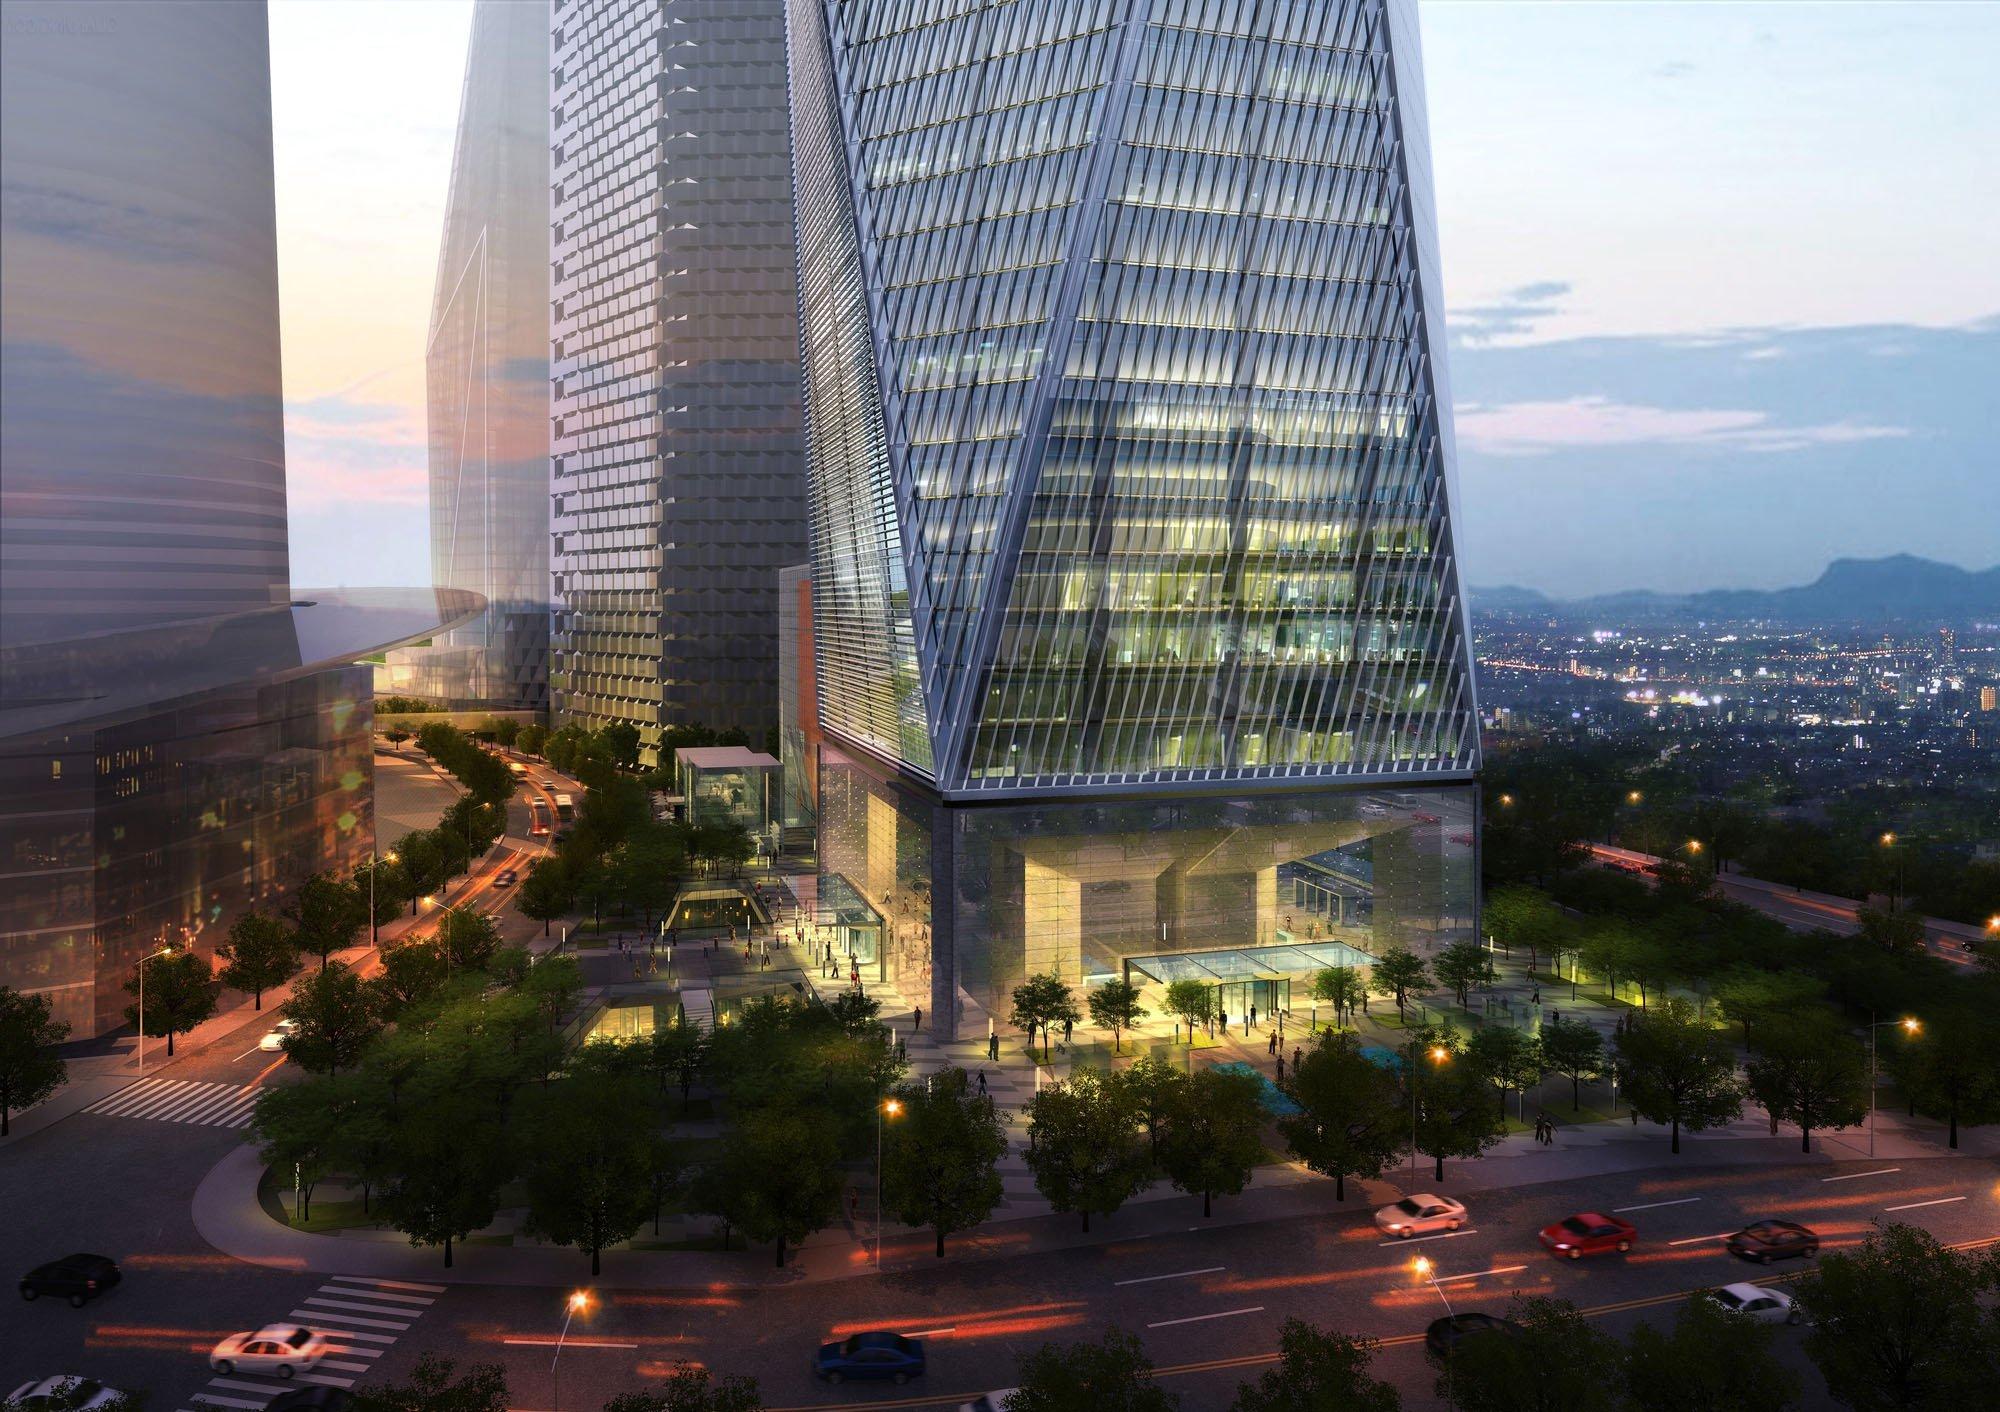 http://images.adsttc.com/media/images/55e8/91af/46fe/9fd5/fc00/0034/large_jpg/plaza-night_crystalcgsmall.jpg?1441304996